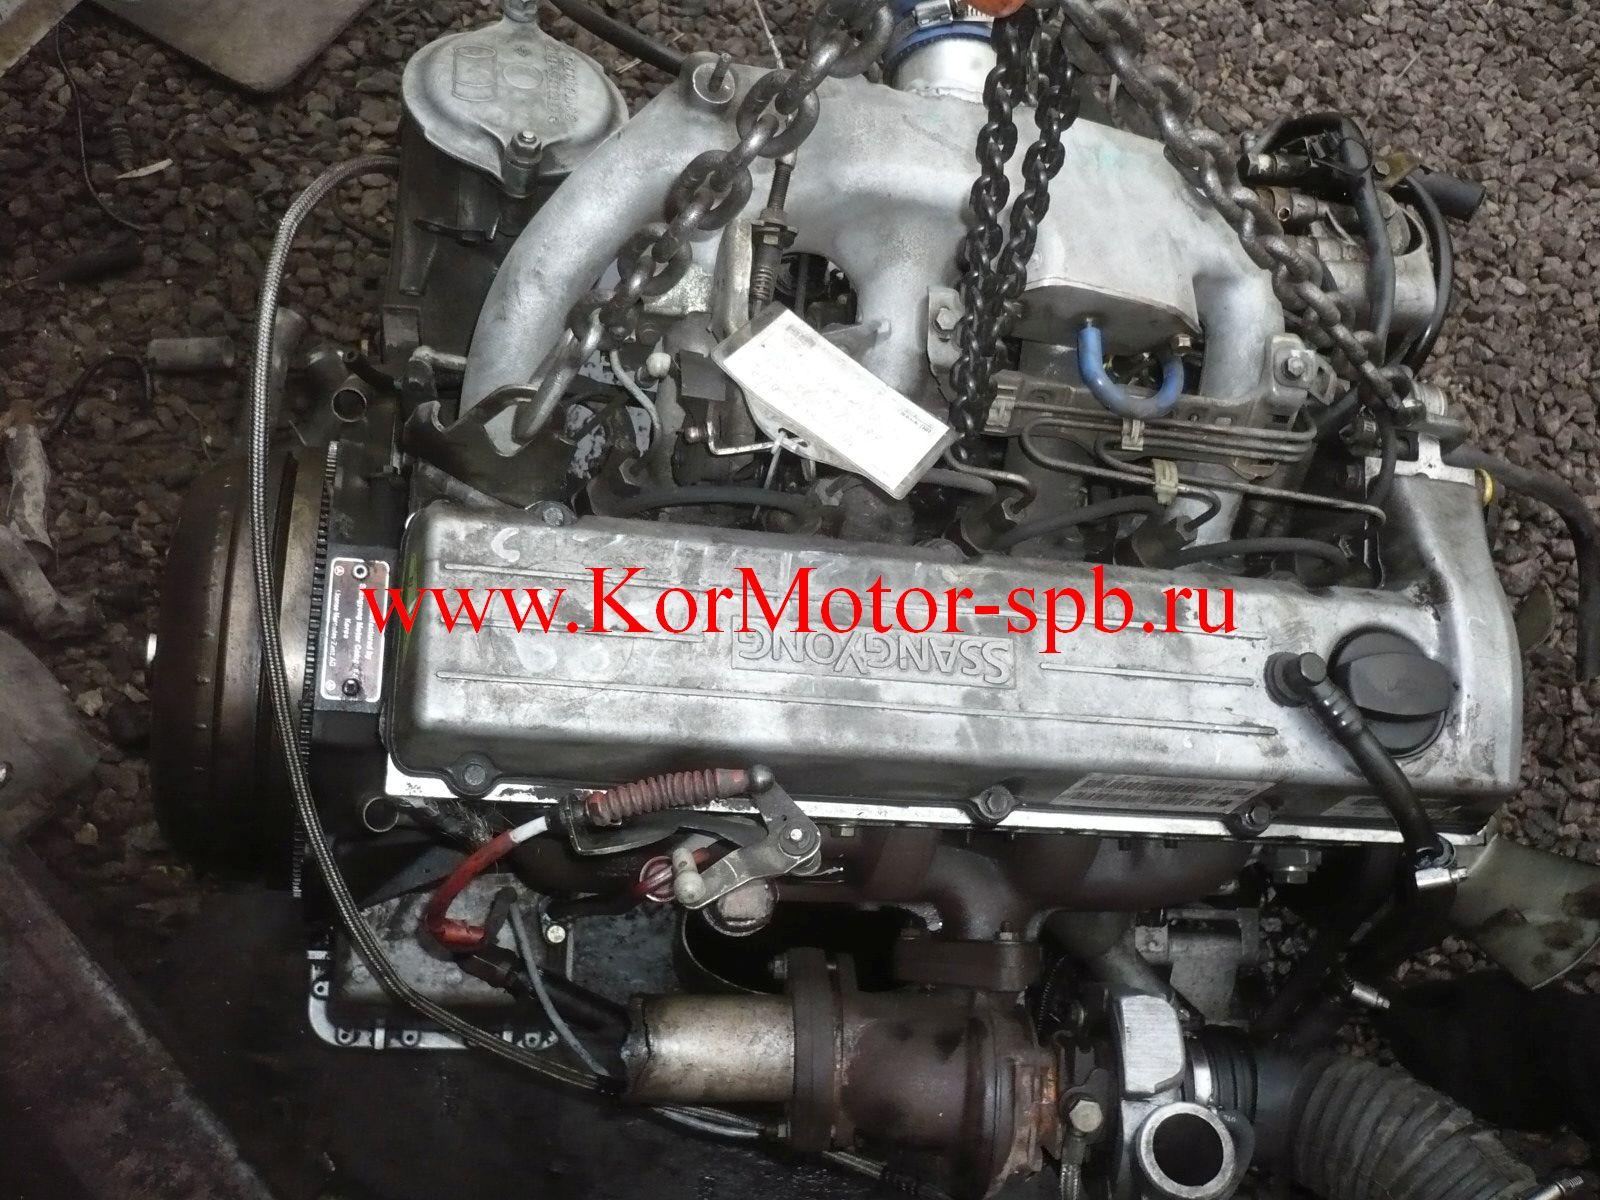 Купить двигатель для SsangYong Korando 2.9